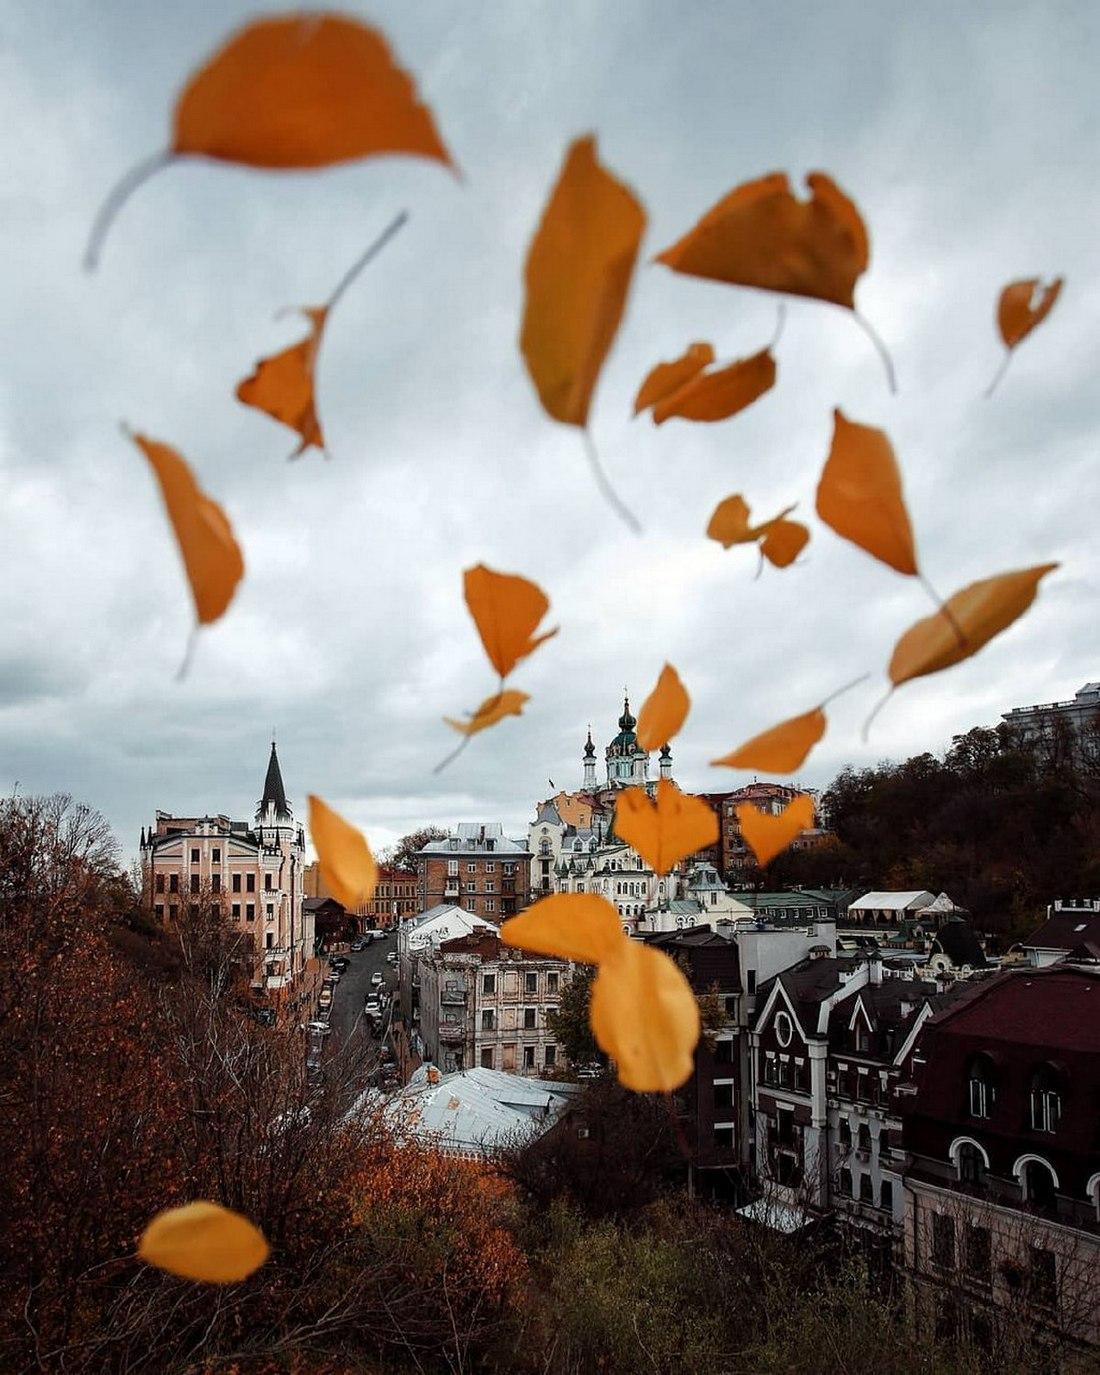 Осенняя романтика столицы. Фото: @istetsen